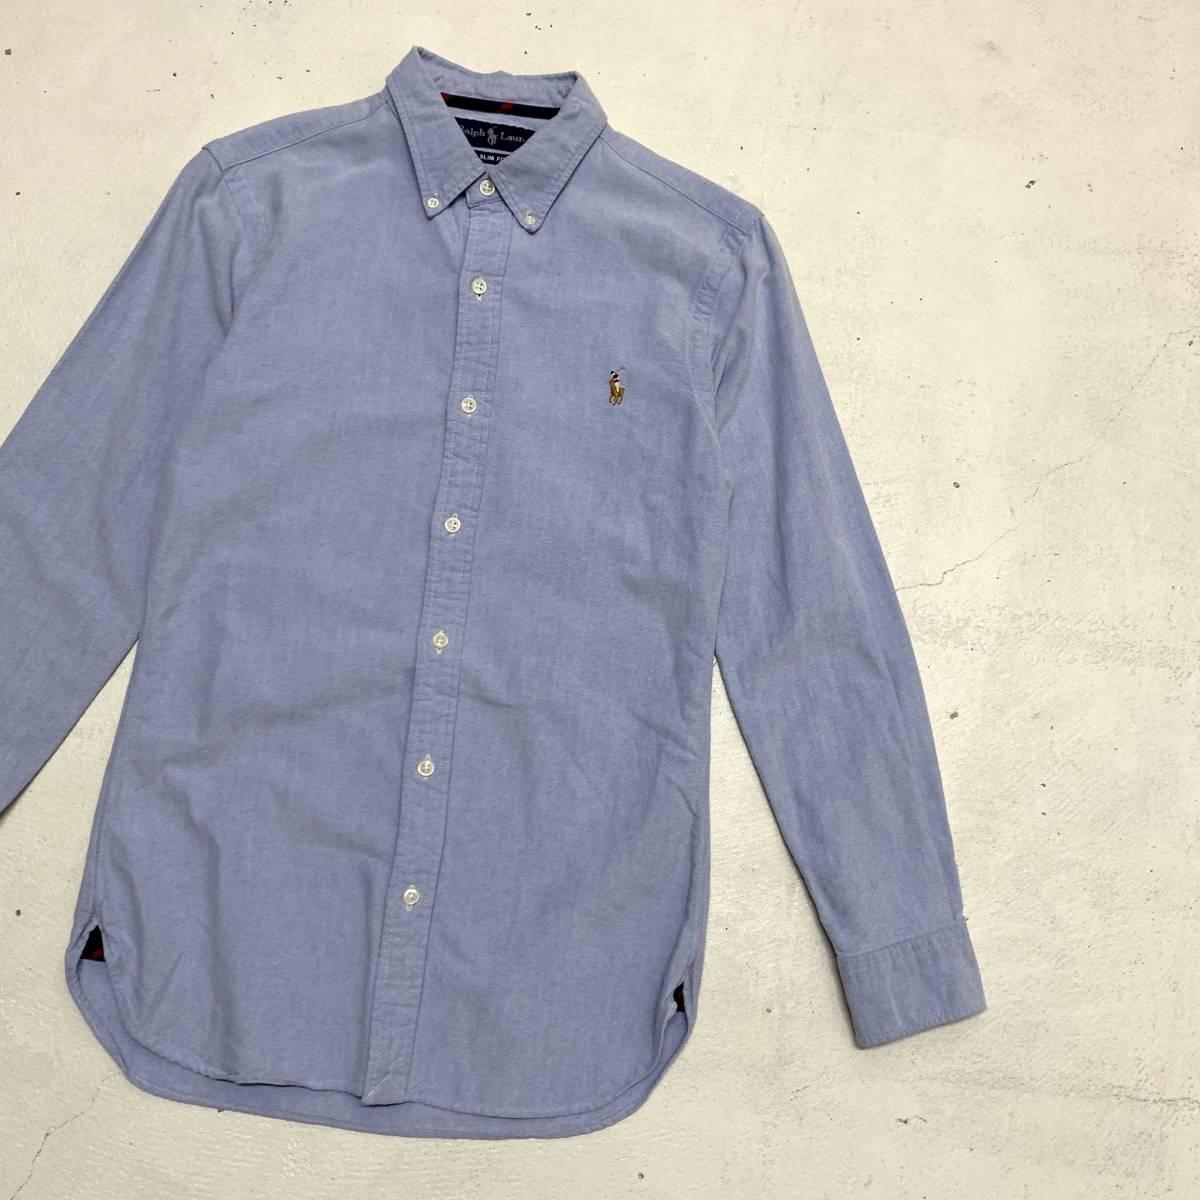 ラルフ ローレン Ralph Lauren オックスフォード シャツ Sサイズ SLIM FIT ブルー マチ付き 長袖 古着 ボタンダウン_画像1